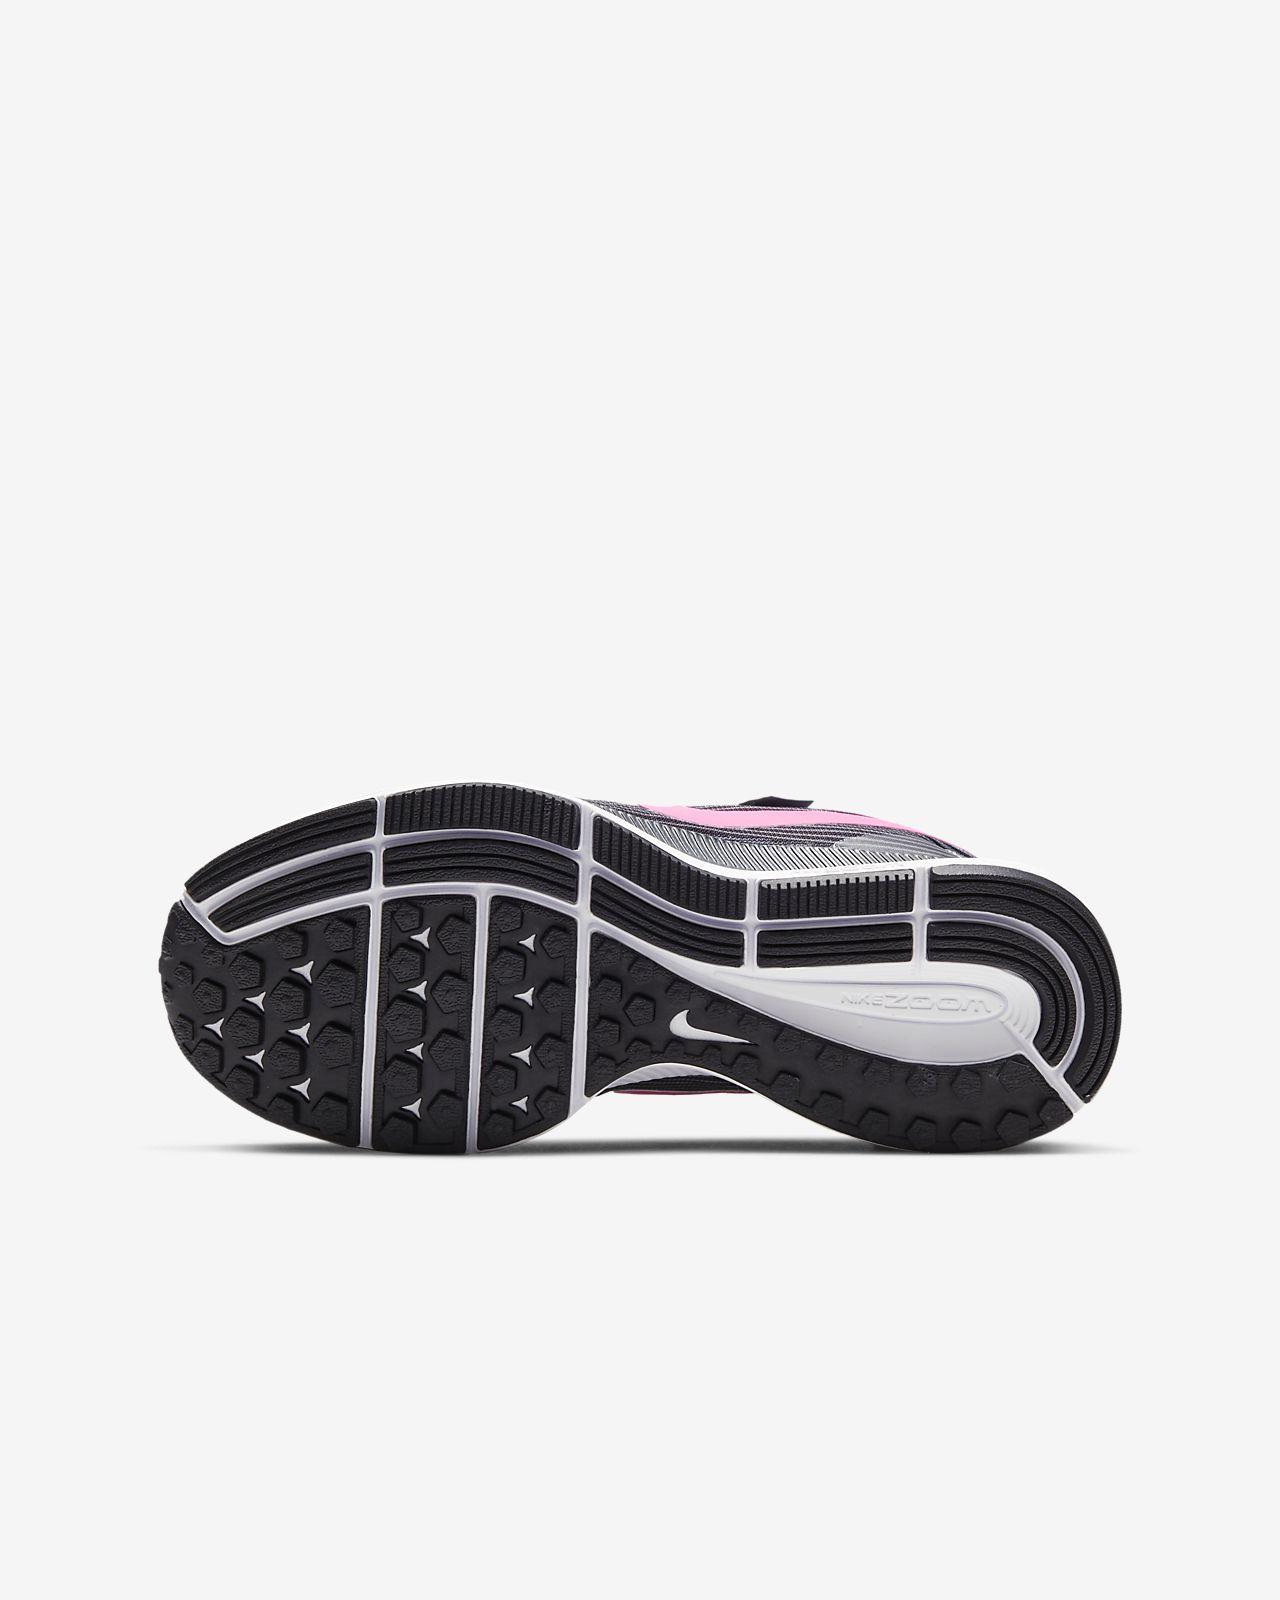 a06c9e6b22b ... Chaussure de running Nike Zoom Pegasus 34 FlyEase pour Jeune  enfant Enfant plus âgé